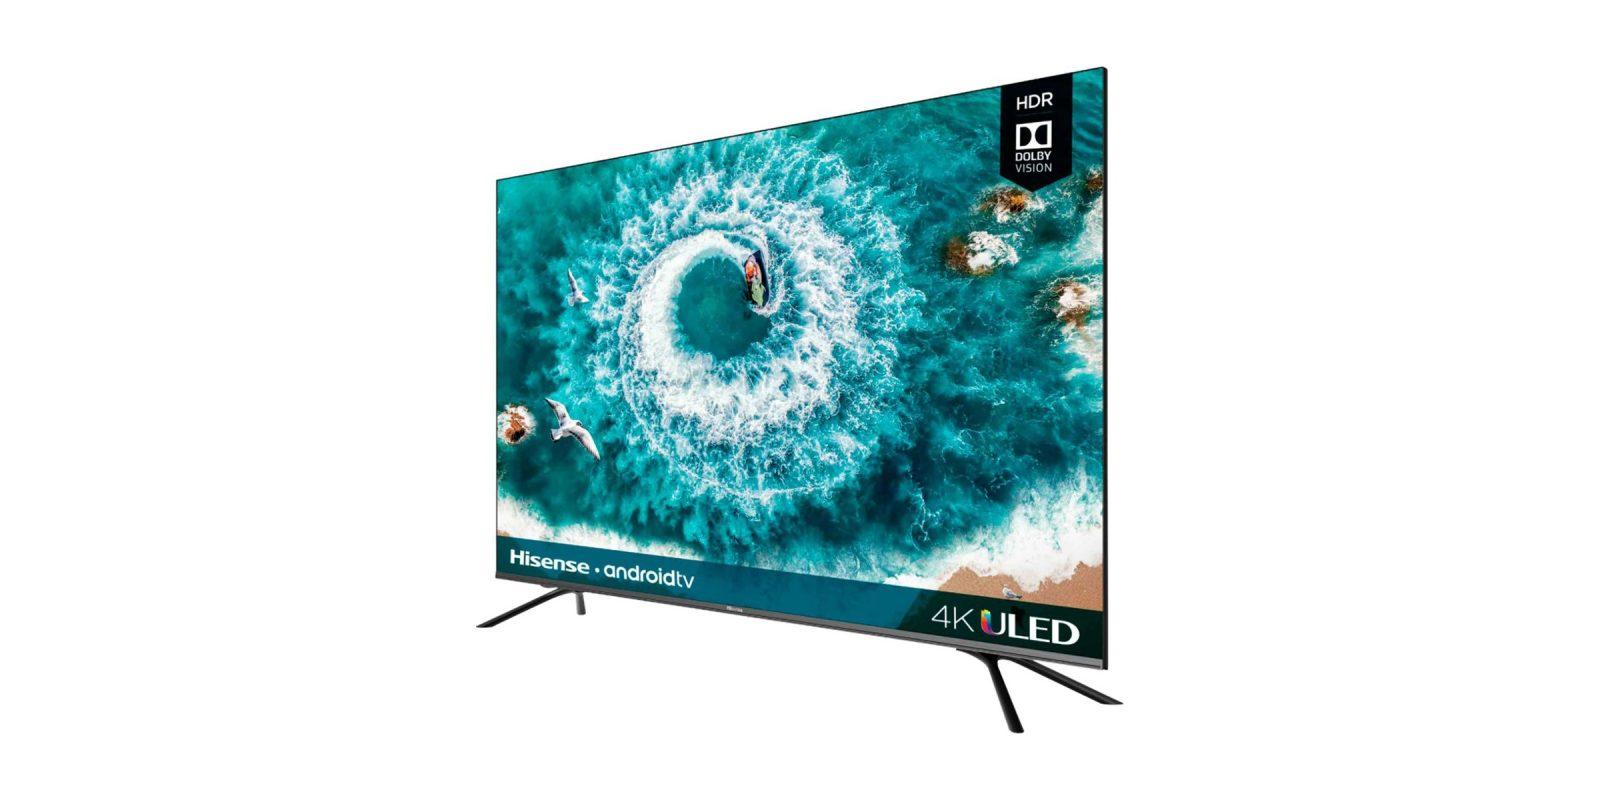 TV Hisense 2019 ottengono certificazione tivùsat: 114 canali, anche in HD e 4K